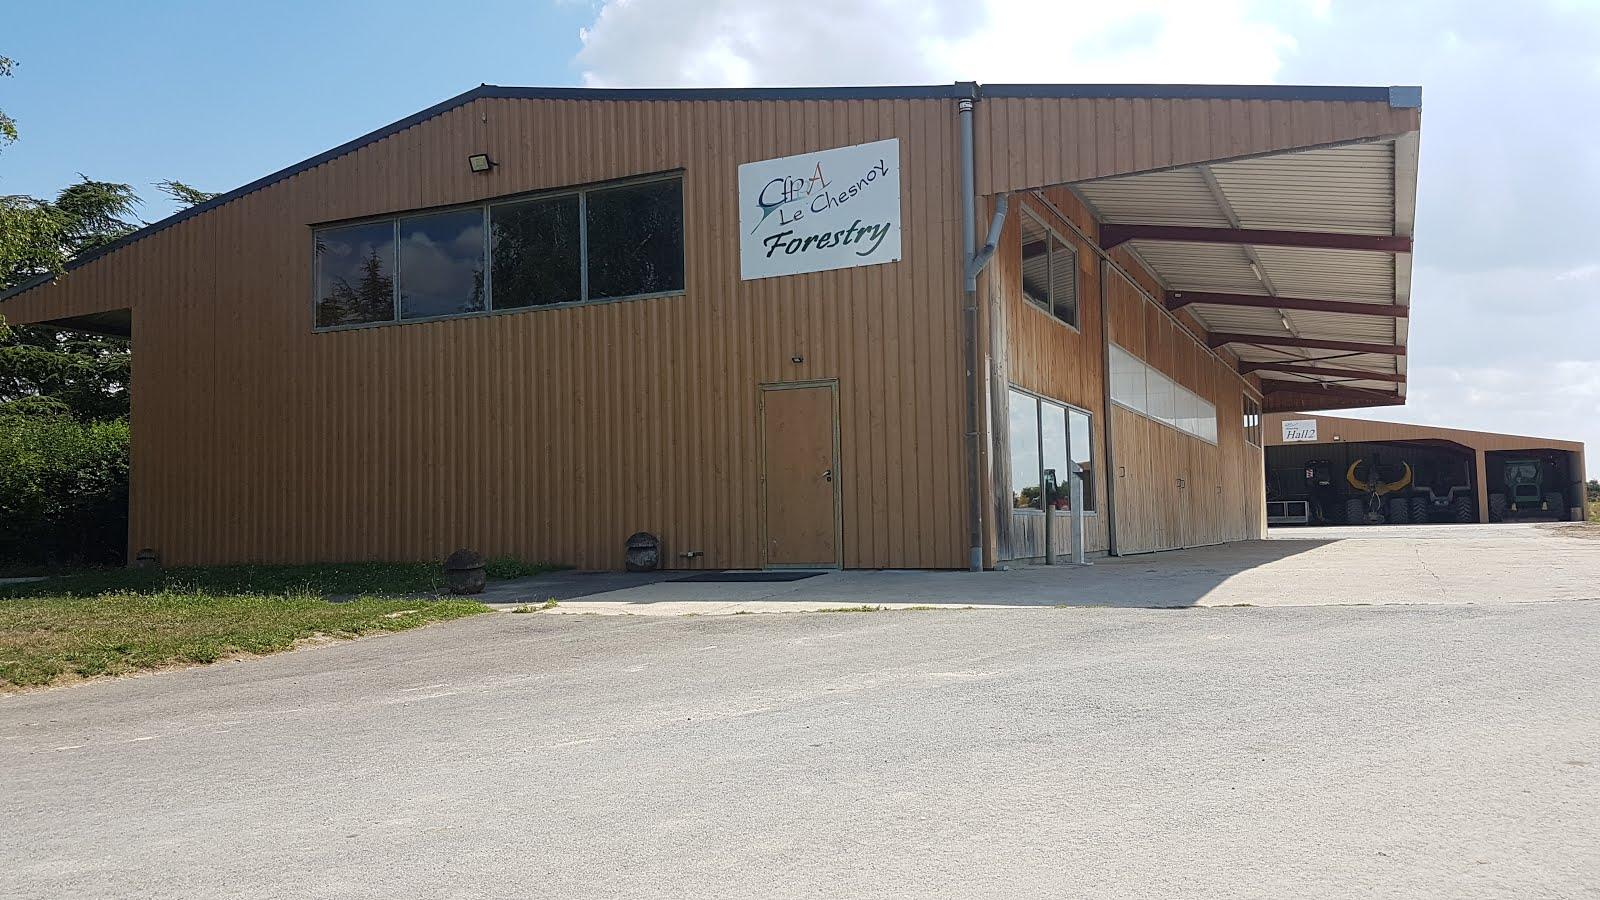 2020: Le CFPPA Forestry devient l'Atelier Technologique Forestier de l'EPLEFPA du Loiret